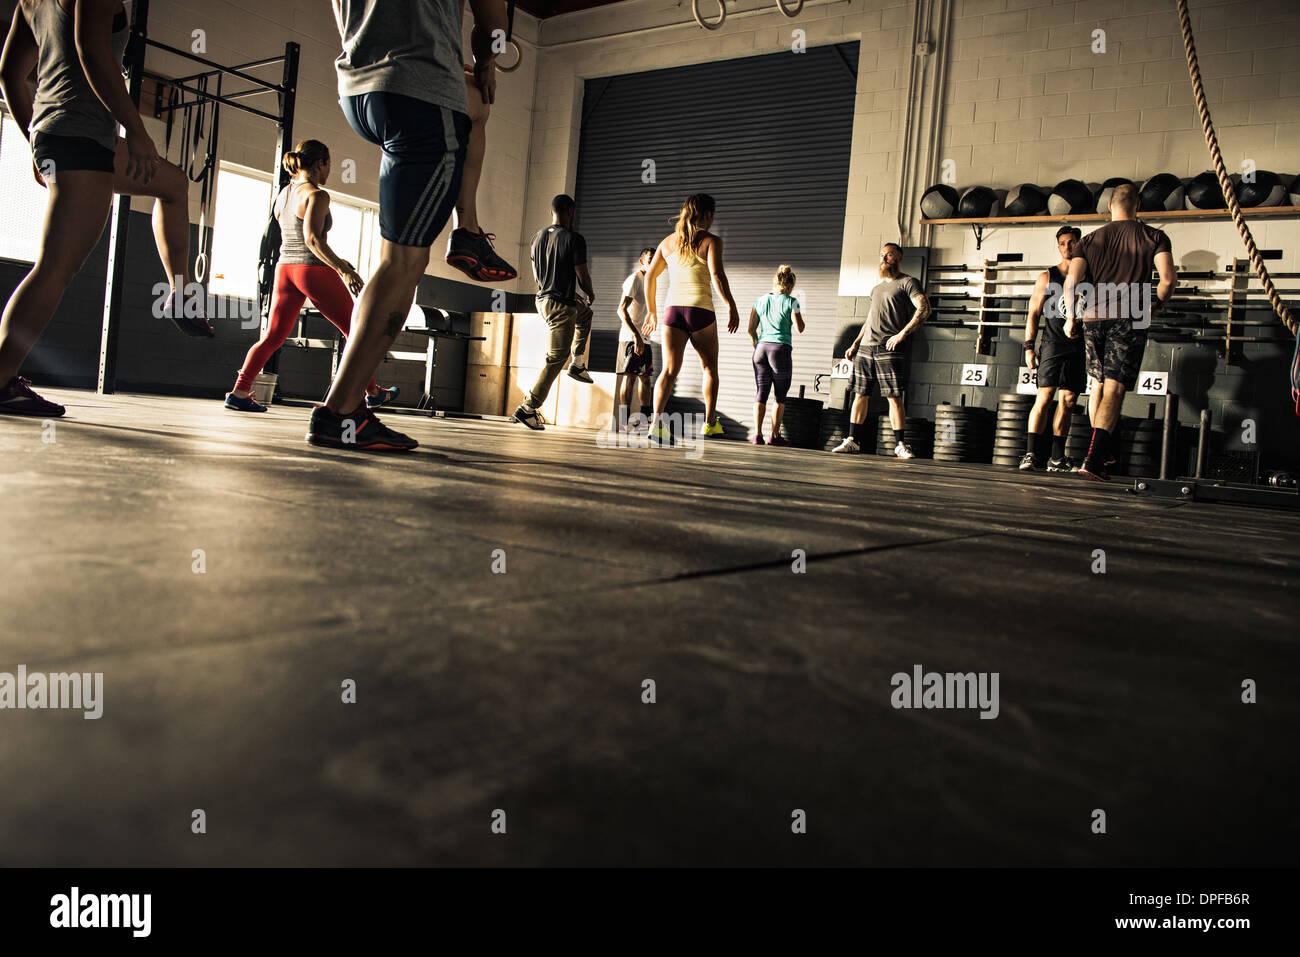 Formación del grupo de fitness en el gimnasio juntos Imagen De Stock